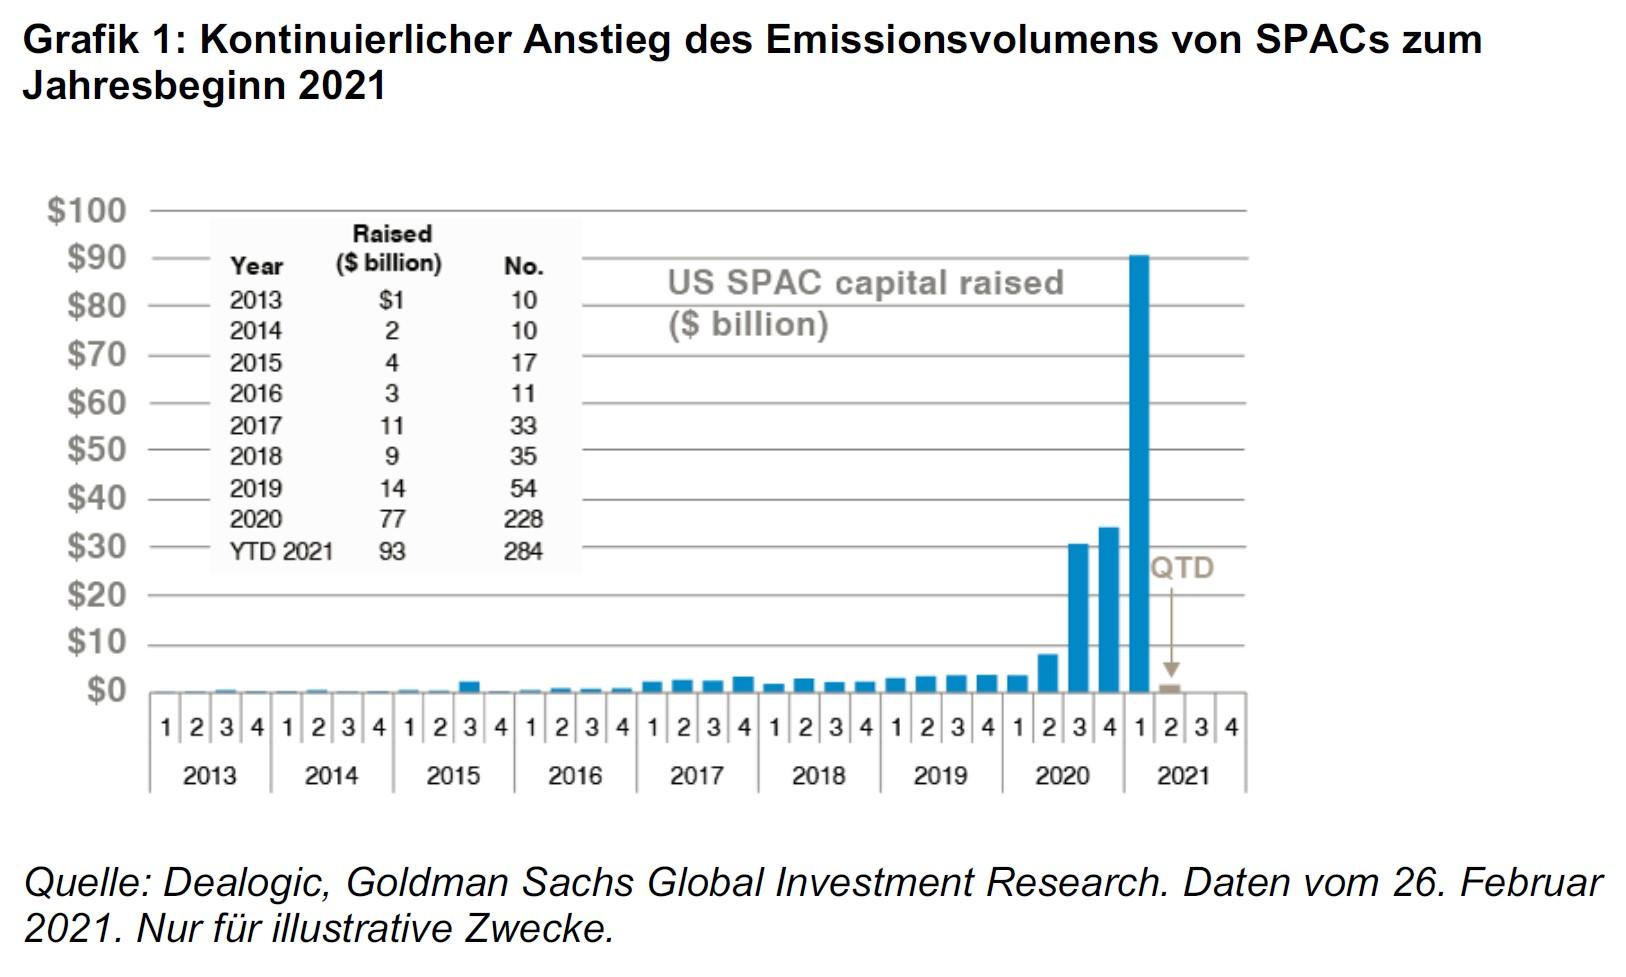 Die SPAC-Revolution: Allein im ersten Quartal 2021 lag die Anzahl der Emissionen so hoch wie im gesamten Jahr 2020.